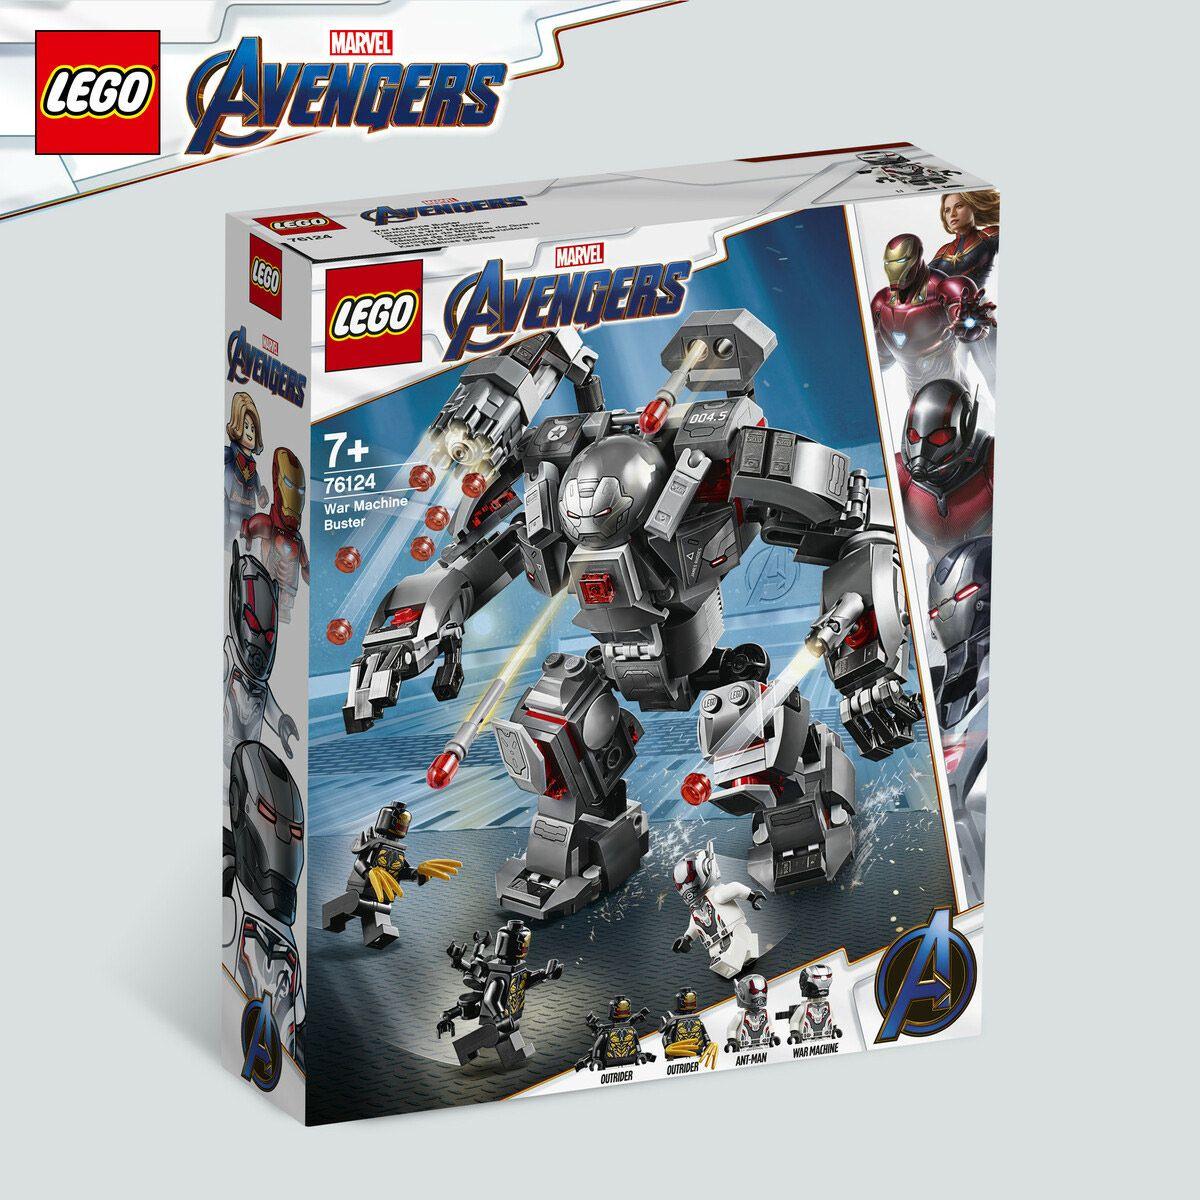 De L'armure Lego 76124 Super Heroes Marvel Héros War Machine 9IDEH2